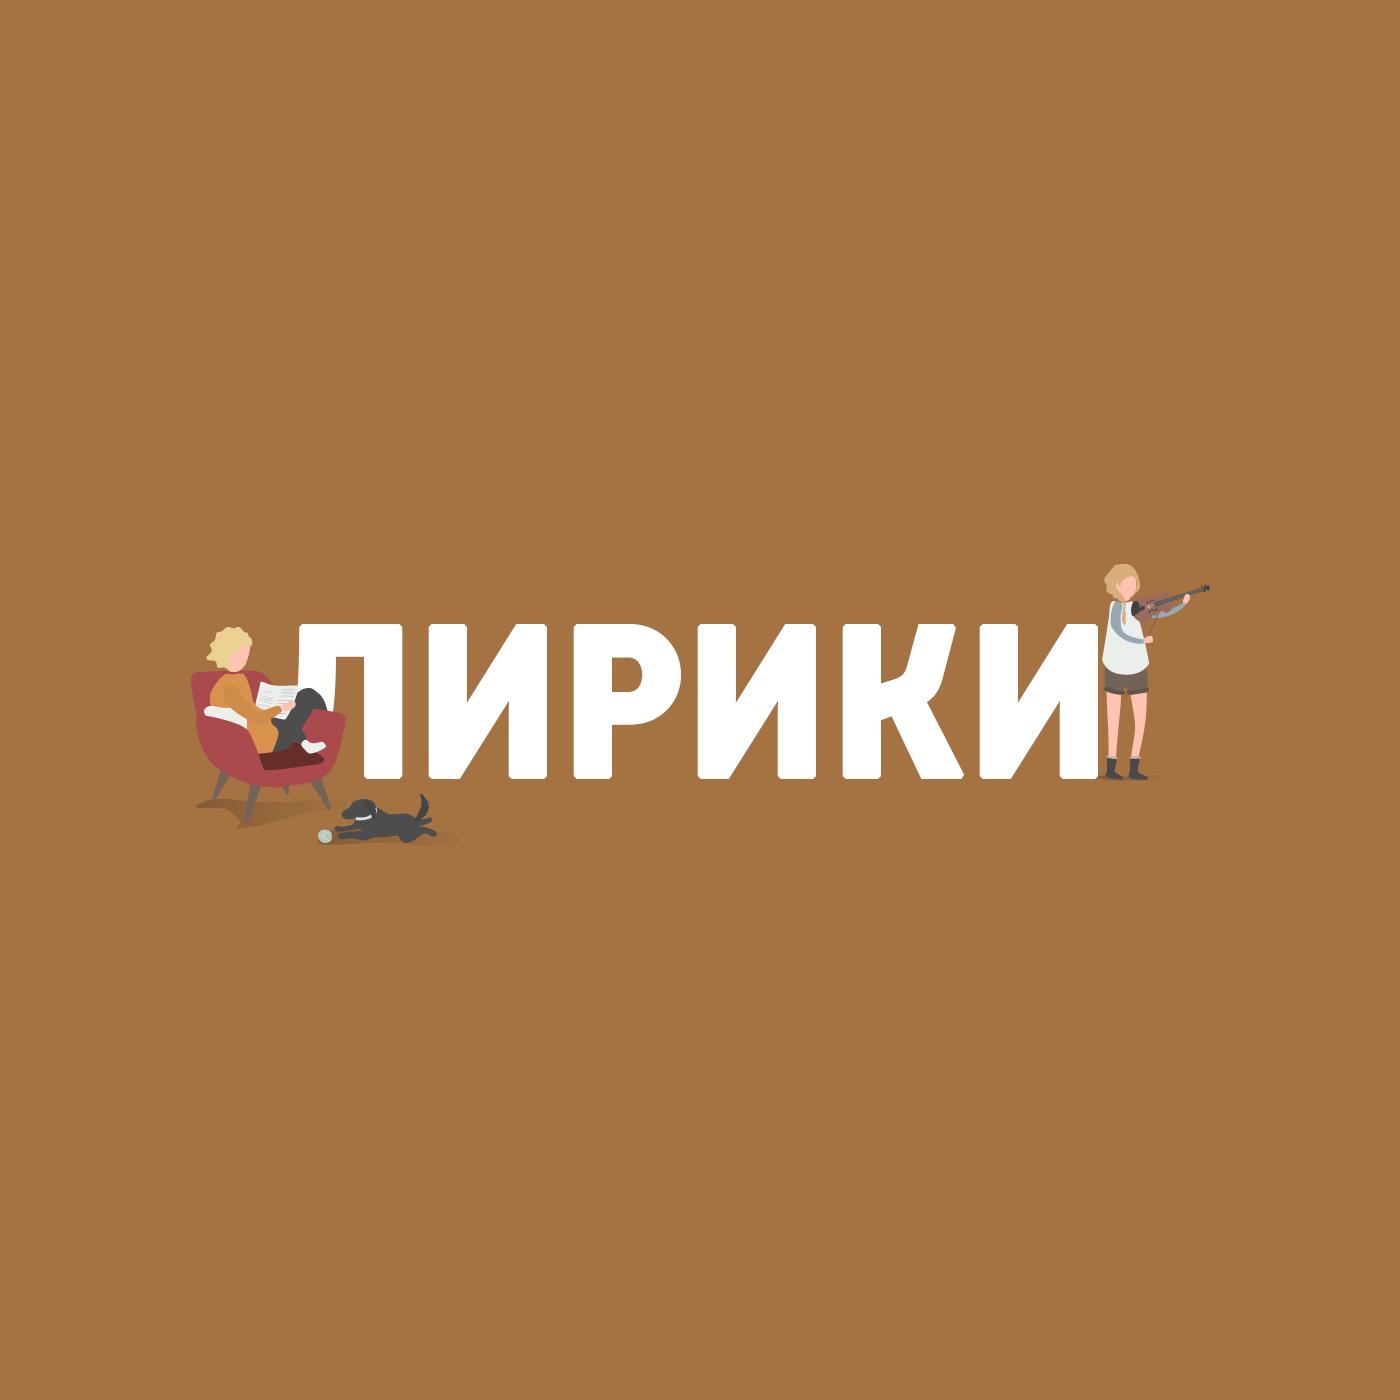 Татьяна Гартман о русском языке